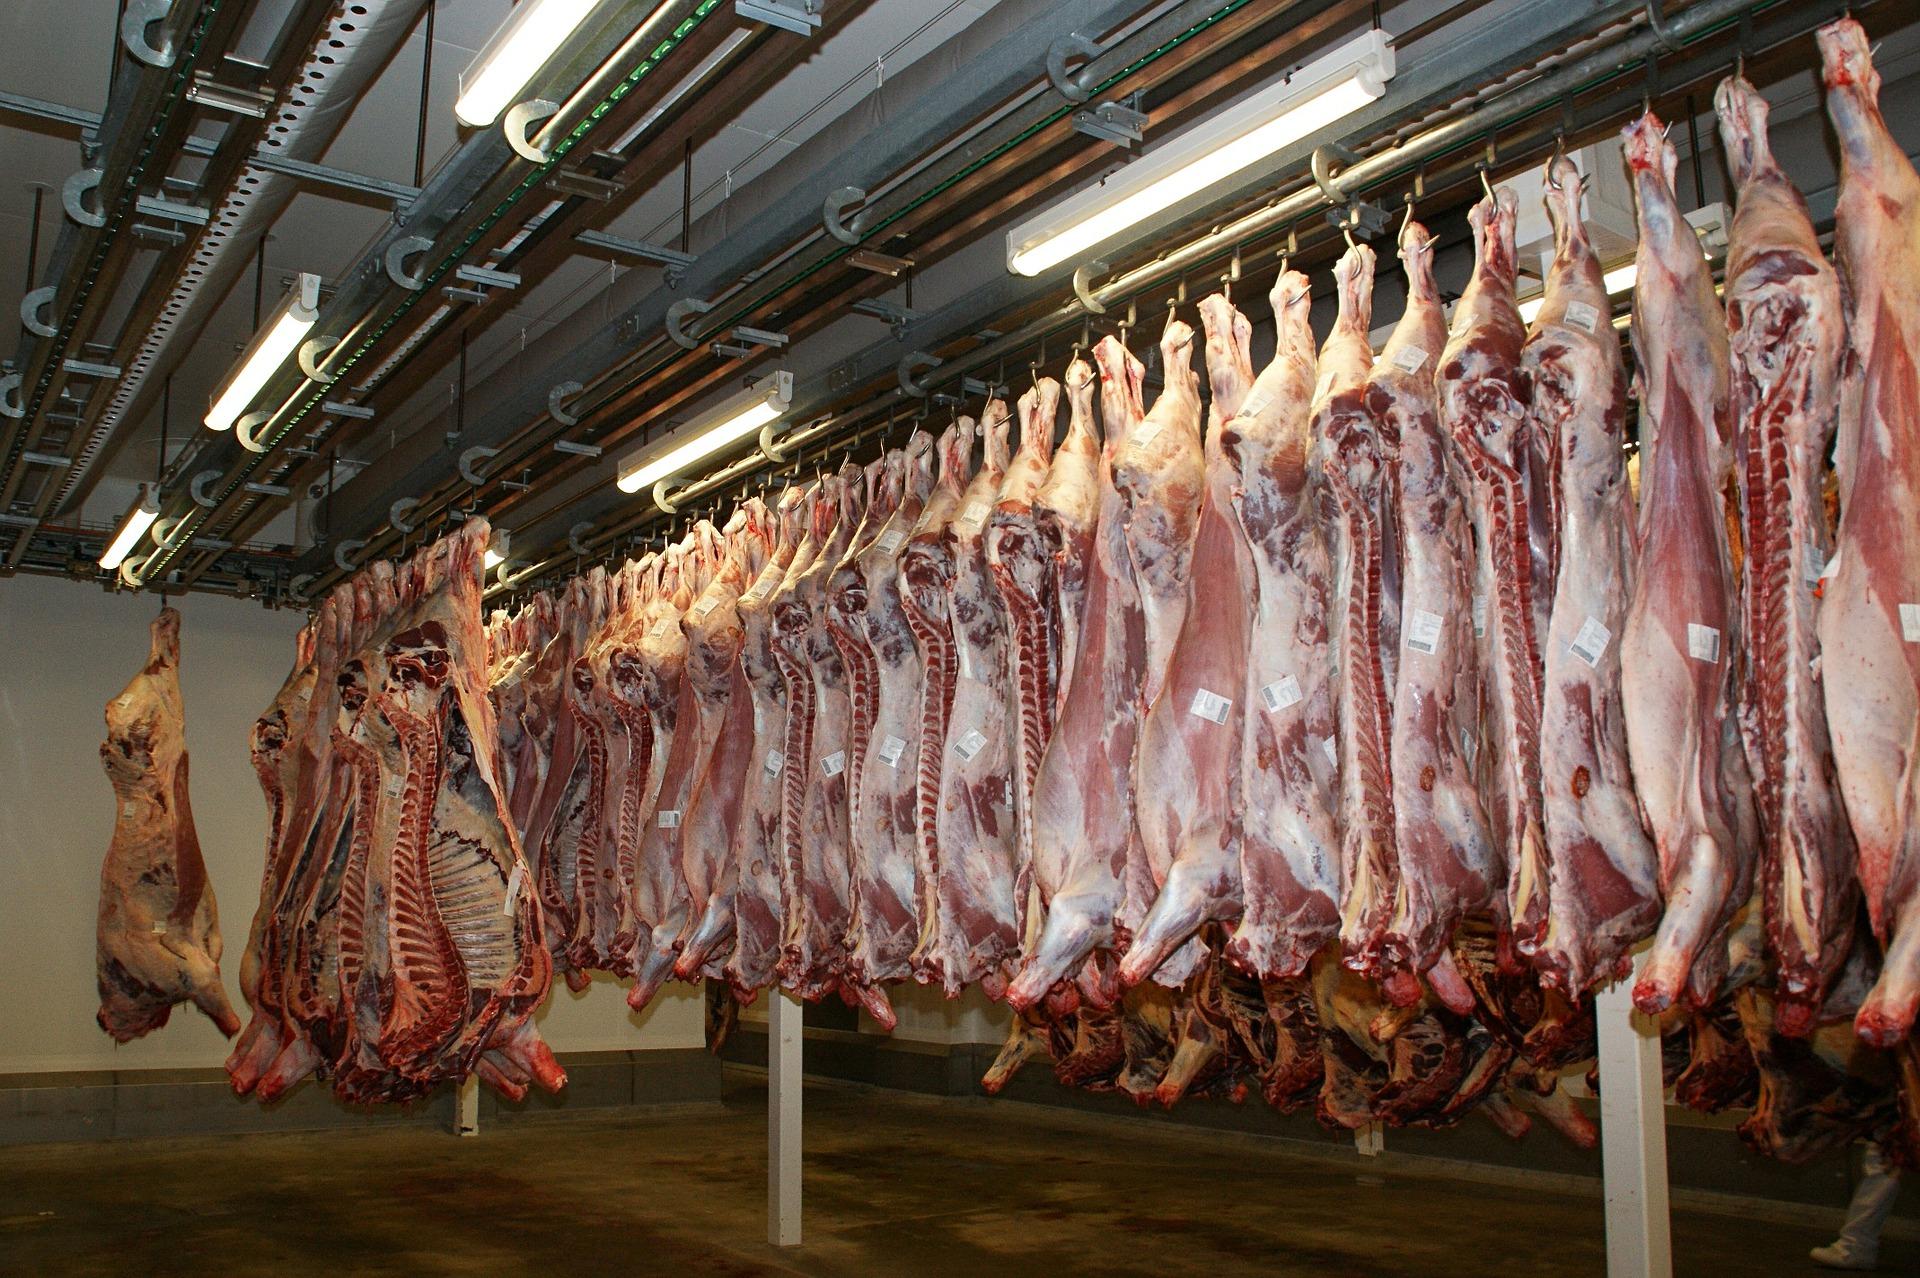 Canales de carne